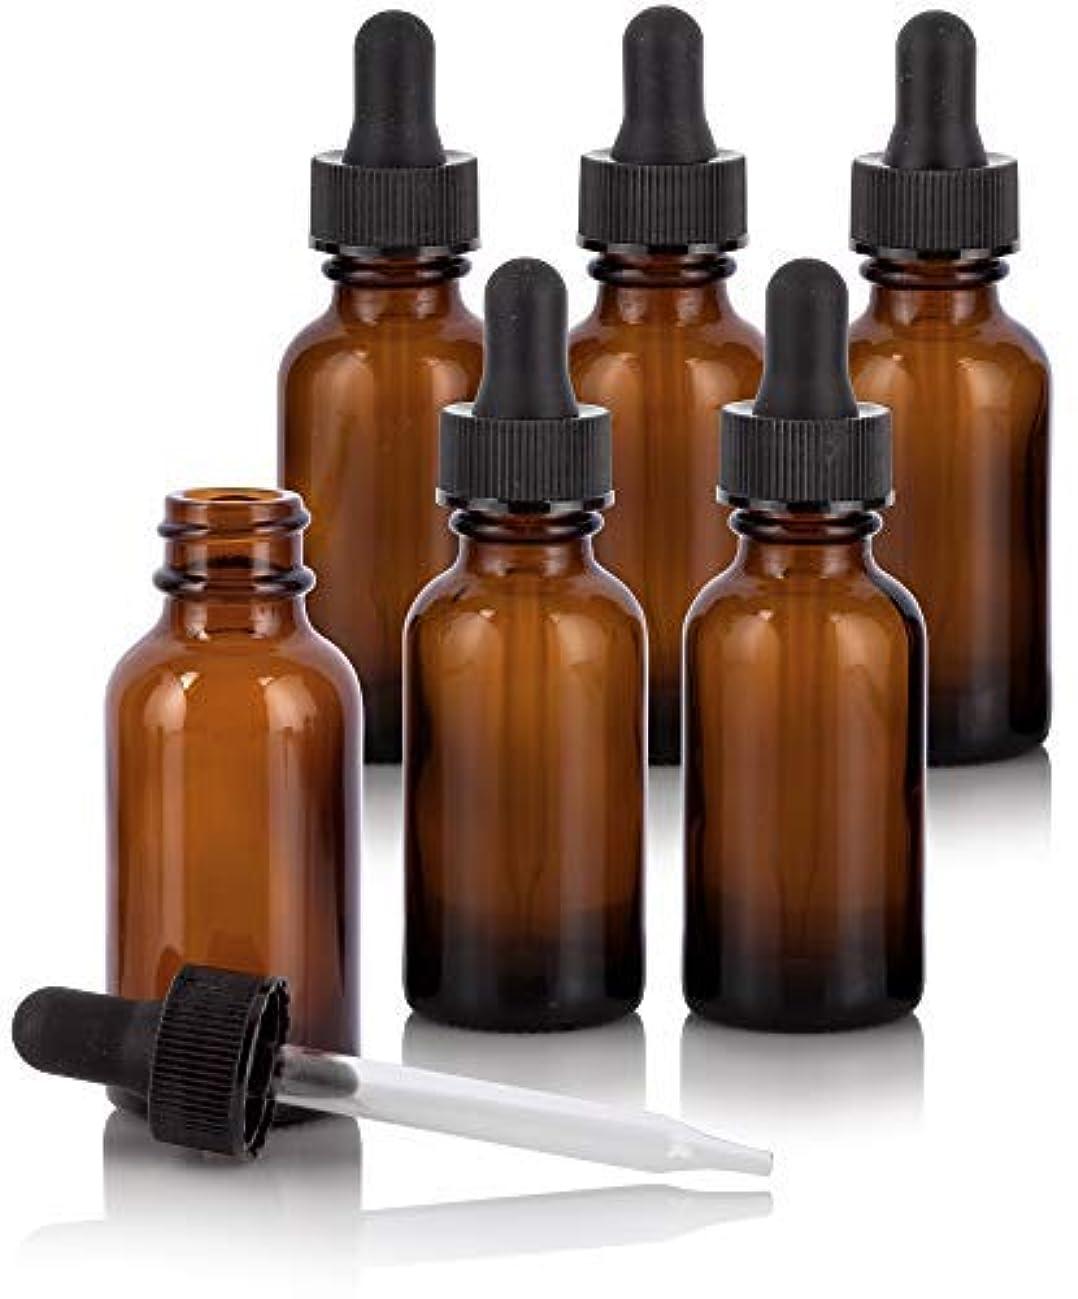 曲げる遺伝的自然1 oz Amber Glass Boston Round Dropper Bottle (6 Pack) + Funnel and Labels for Essential Oils, Aromatherapy, e-Liquid...